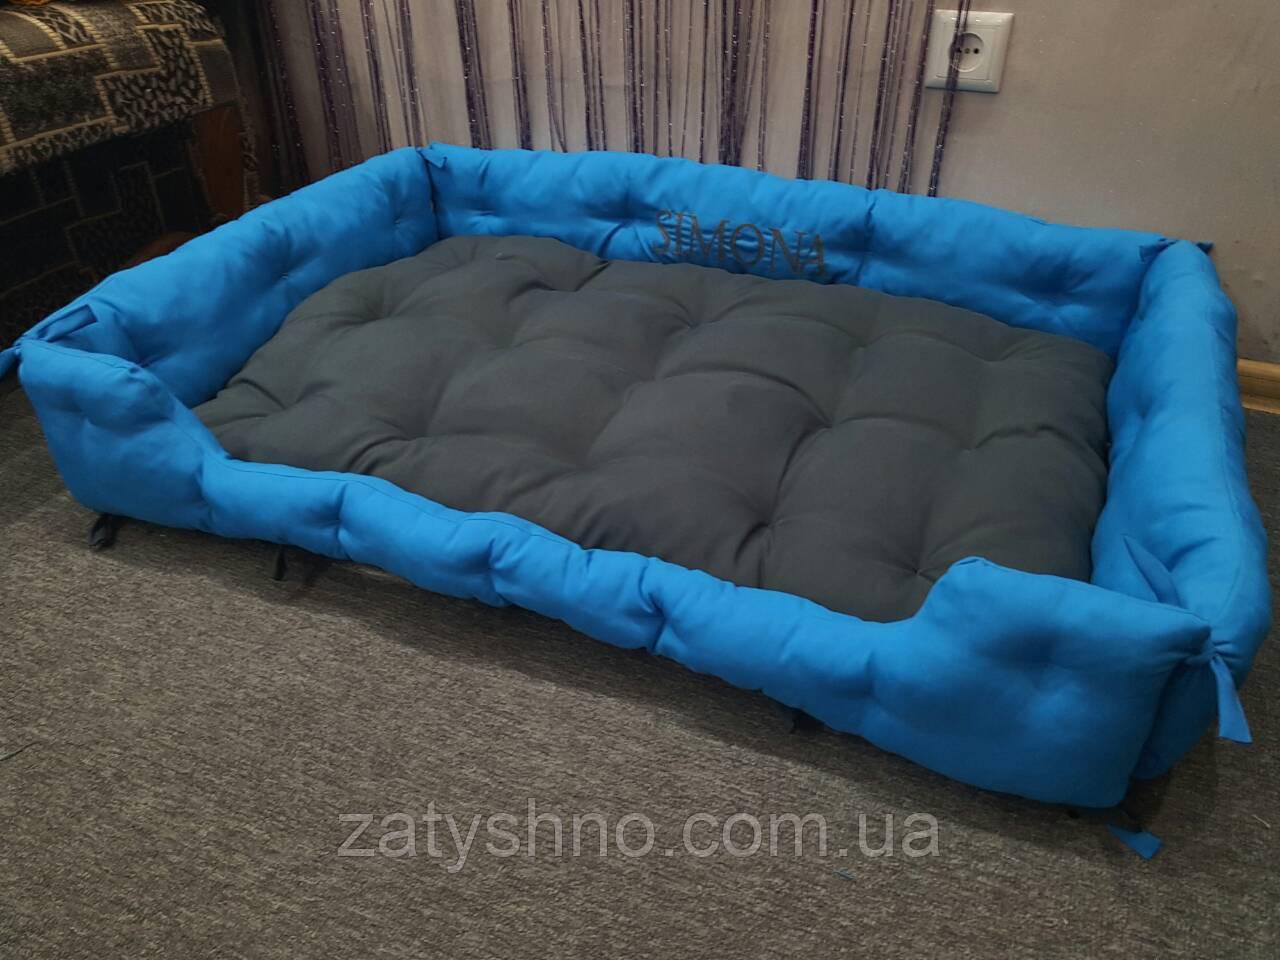 Лежак для животных синий